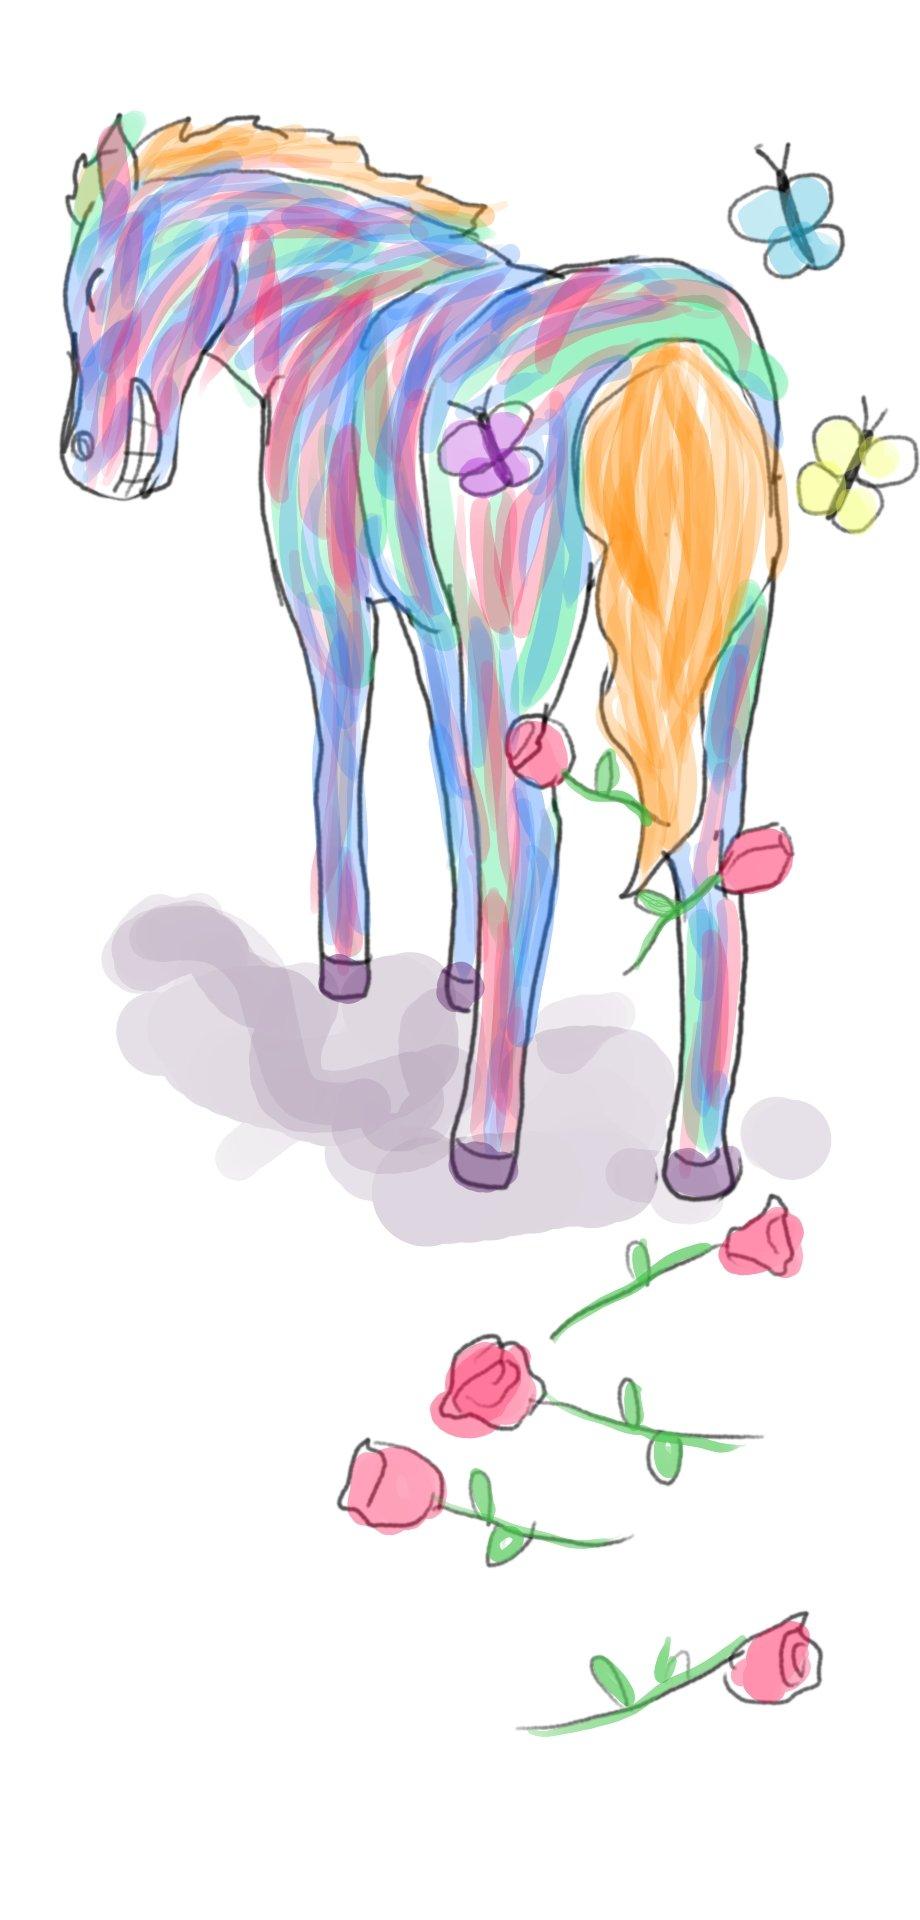 El caballo que era bien bonito con rosas y mariposas al rededor